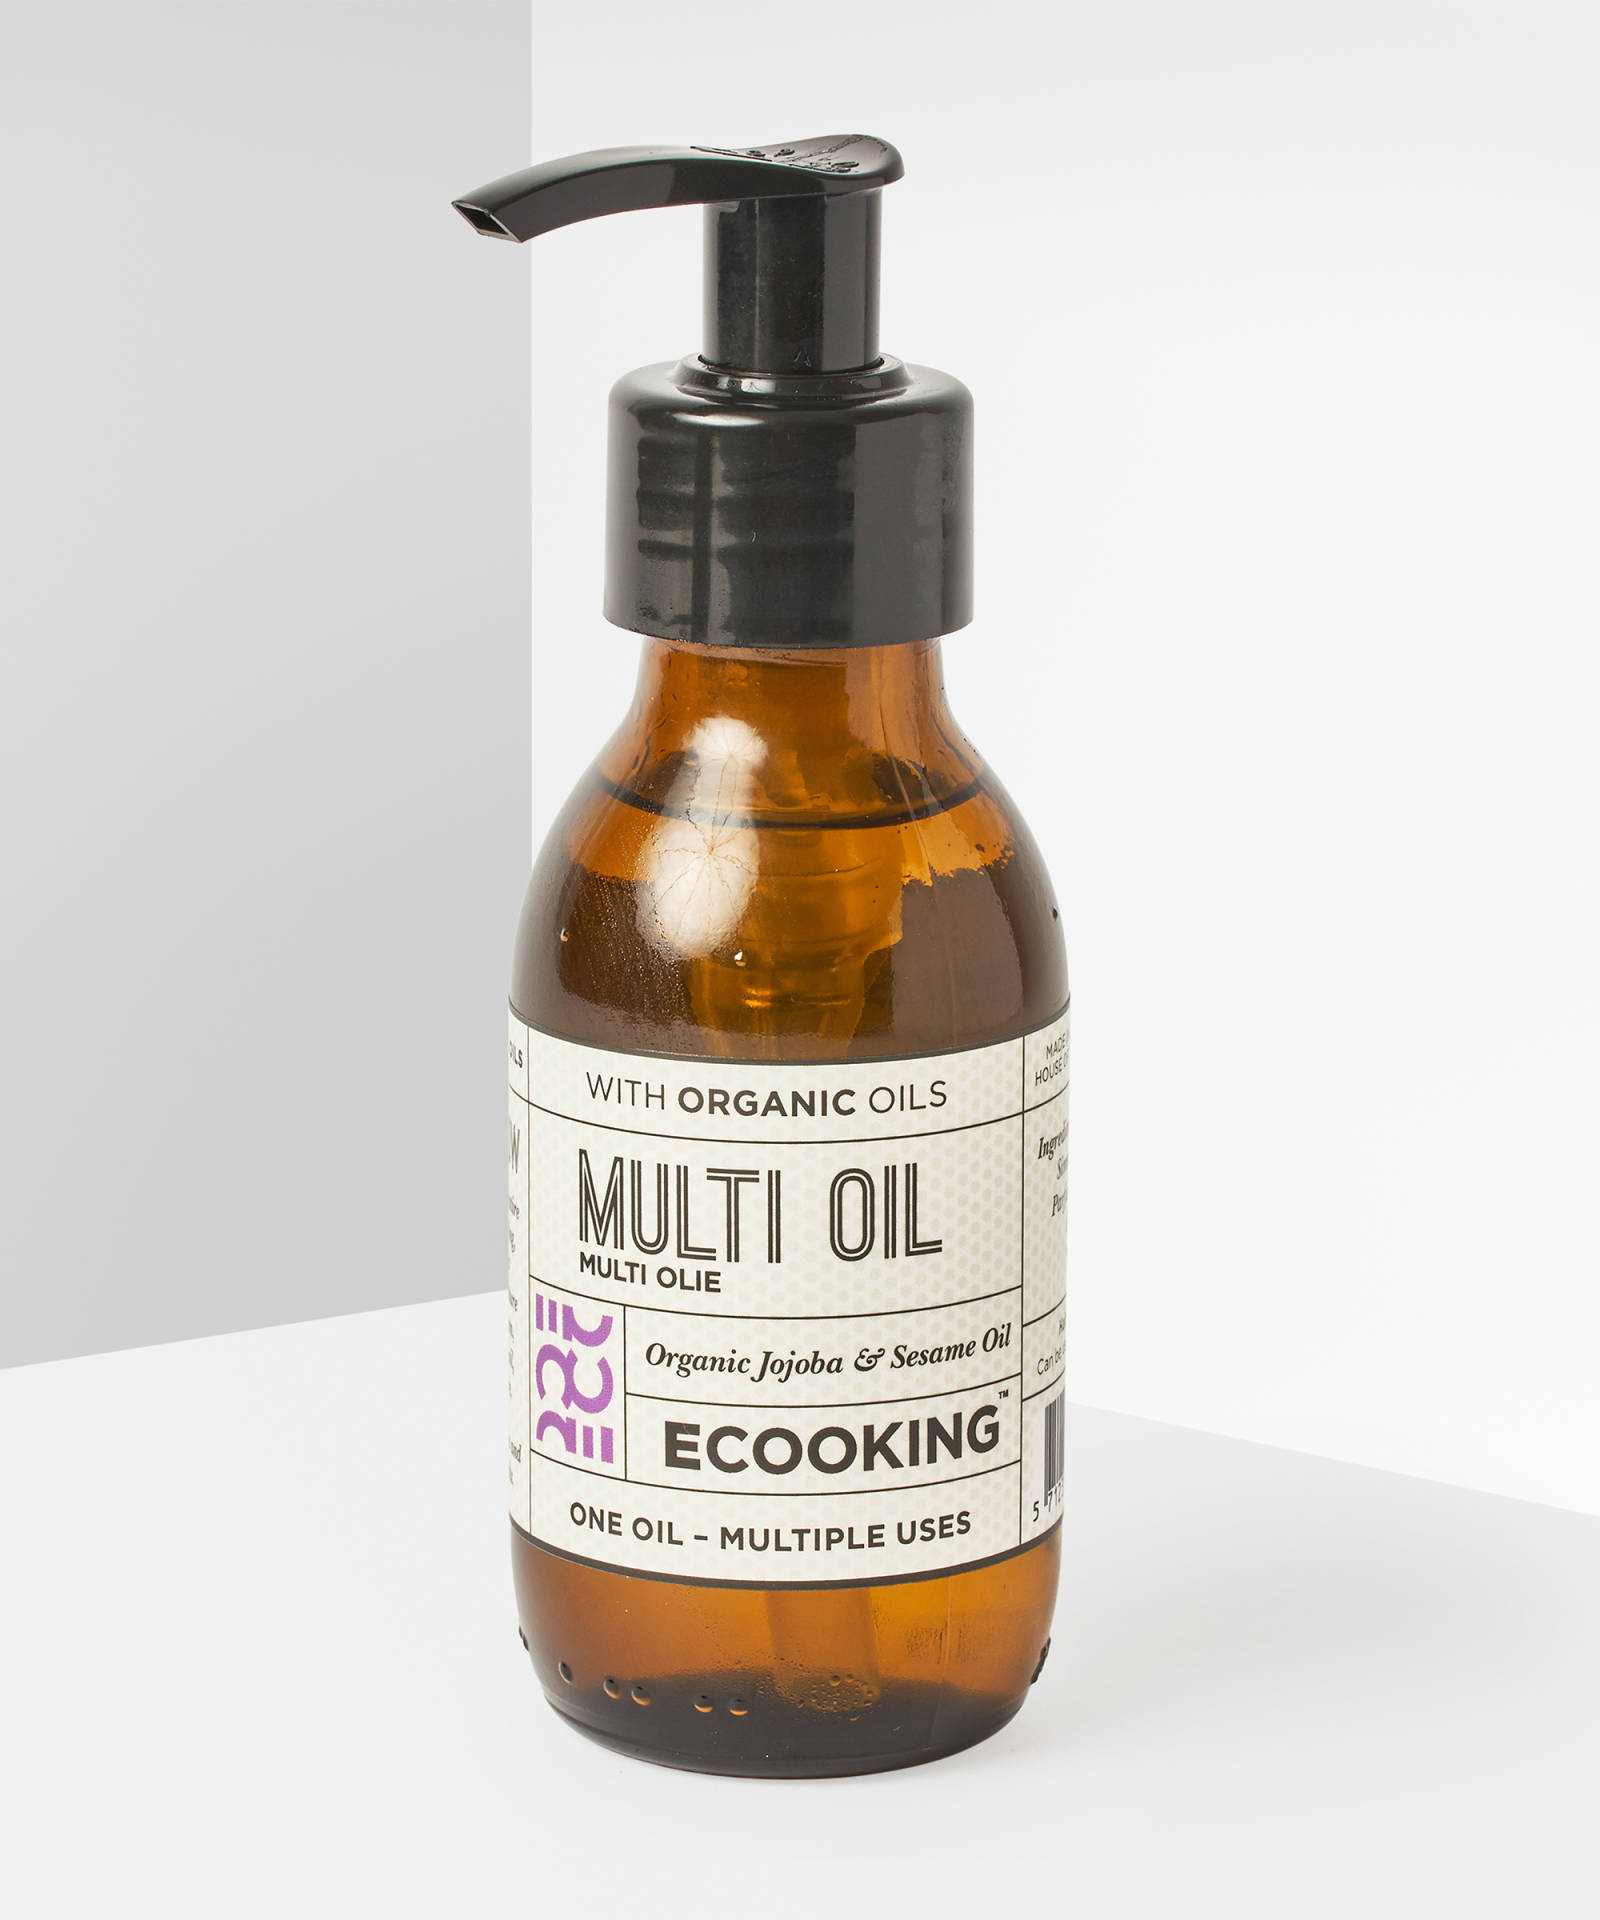 """ECooking Multi Oil, 45лв./100 ml Няма нещо, което обичаме повече от """"мултитаскващ"""" продукт - маслото може да се използва като дегримьор, хидратант, маска за устни, лице или пък коса - списъкът е дълъг! Съдържа екстракт от органична жожоба, сусамово масло, екстракти от портокал и лавандула."""